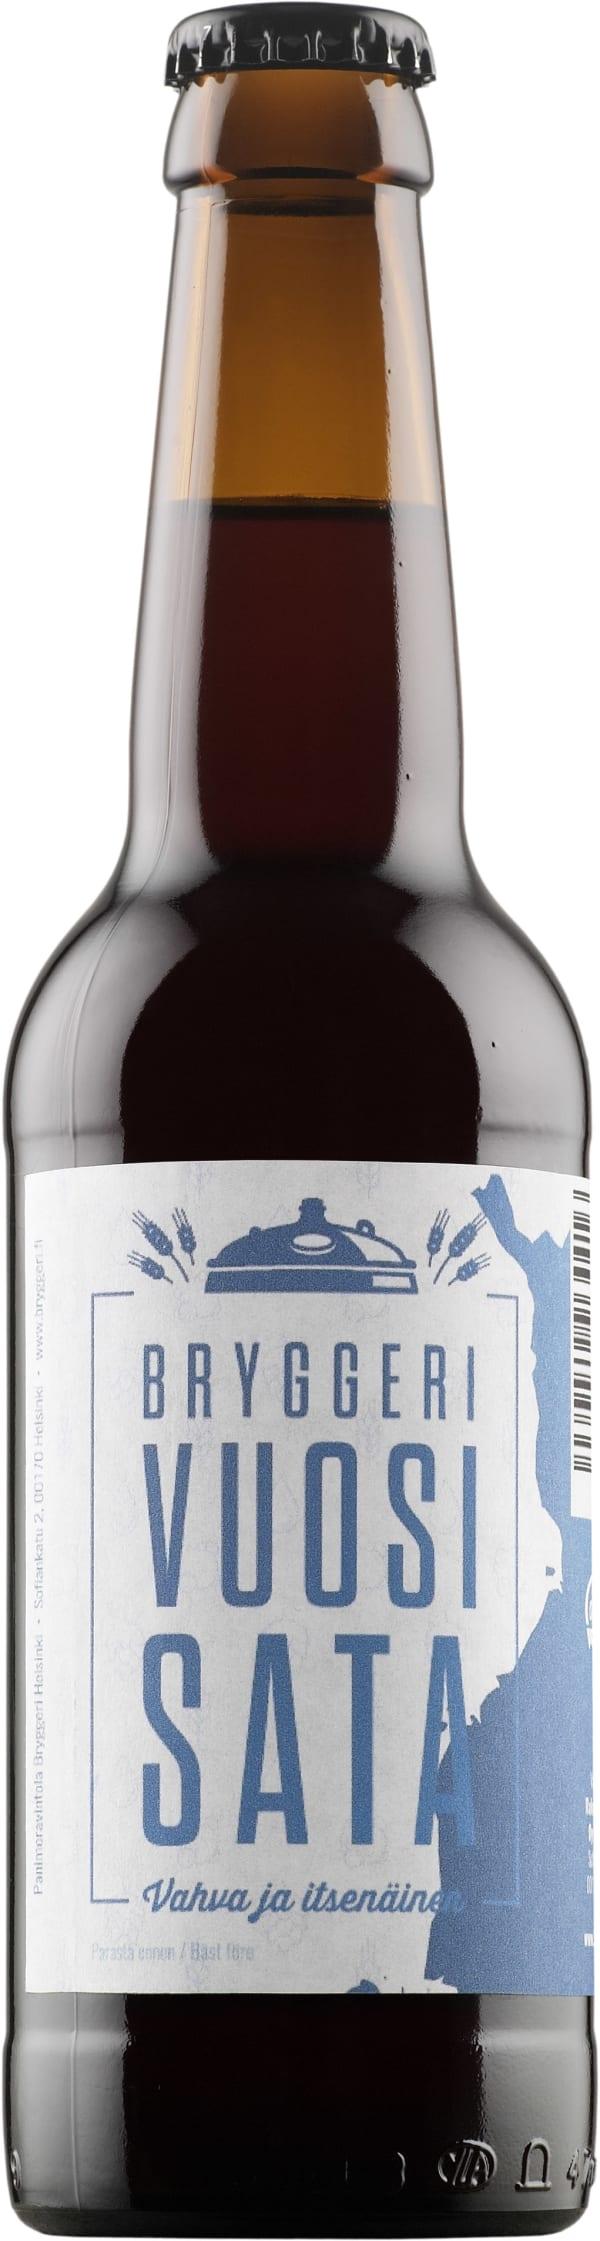 Bryggeri Vuosisata